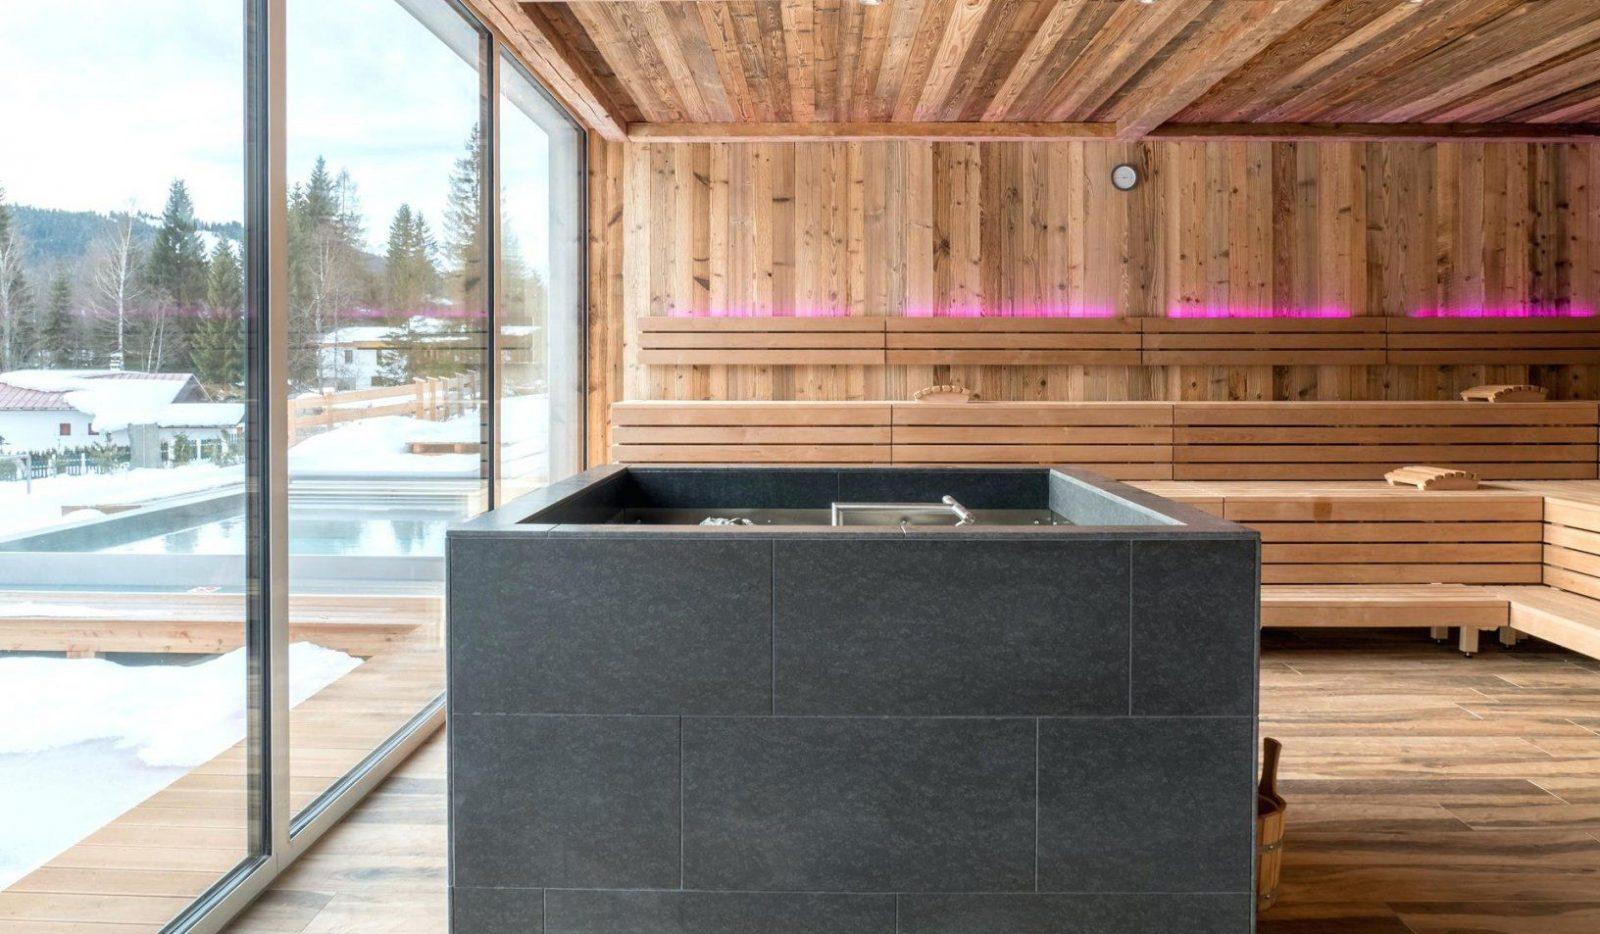 haus dmmen kosten latest dmmen von aussen hilft kosten zu sparen with haus dmmen kosten free. Black Bedroom Furniture Sets. Home Design Ideas